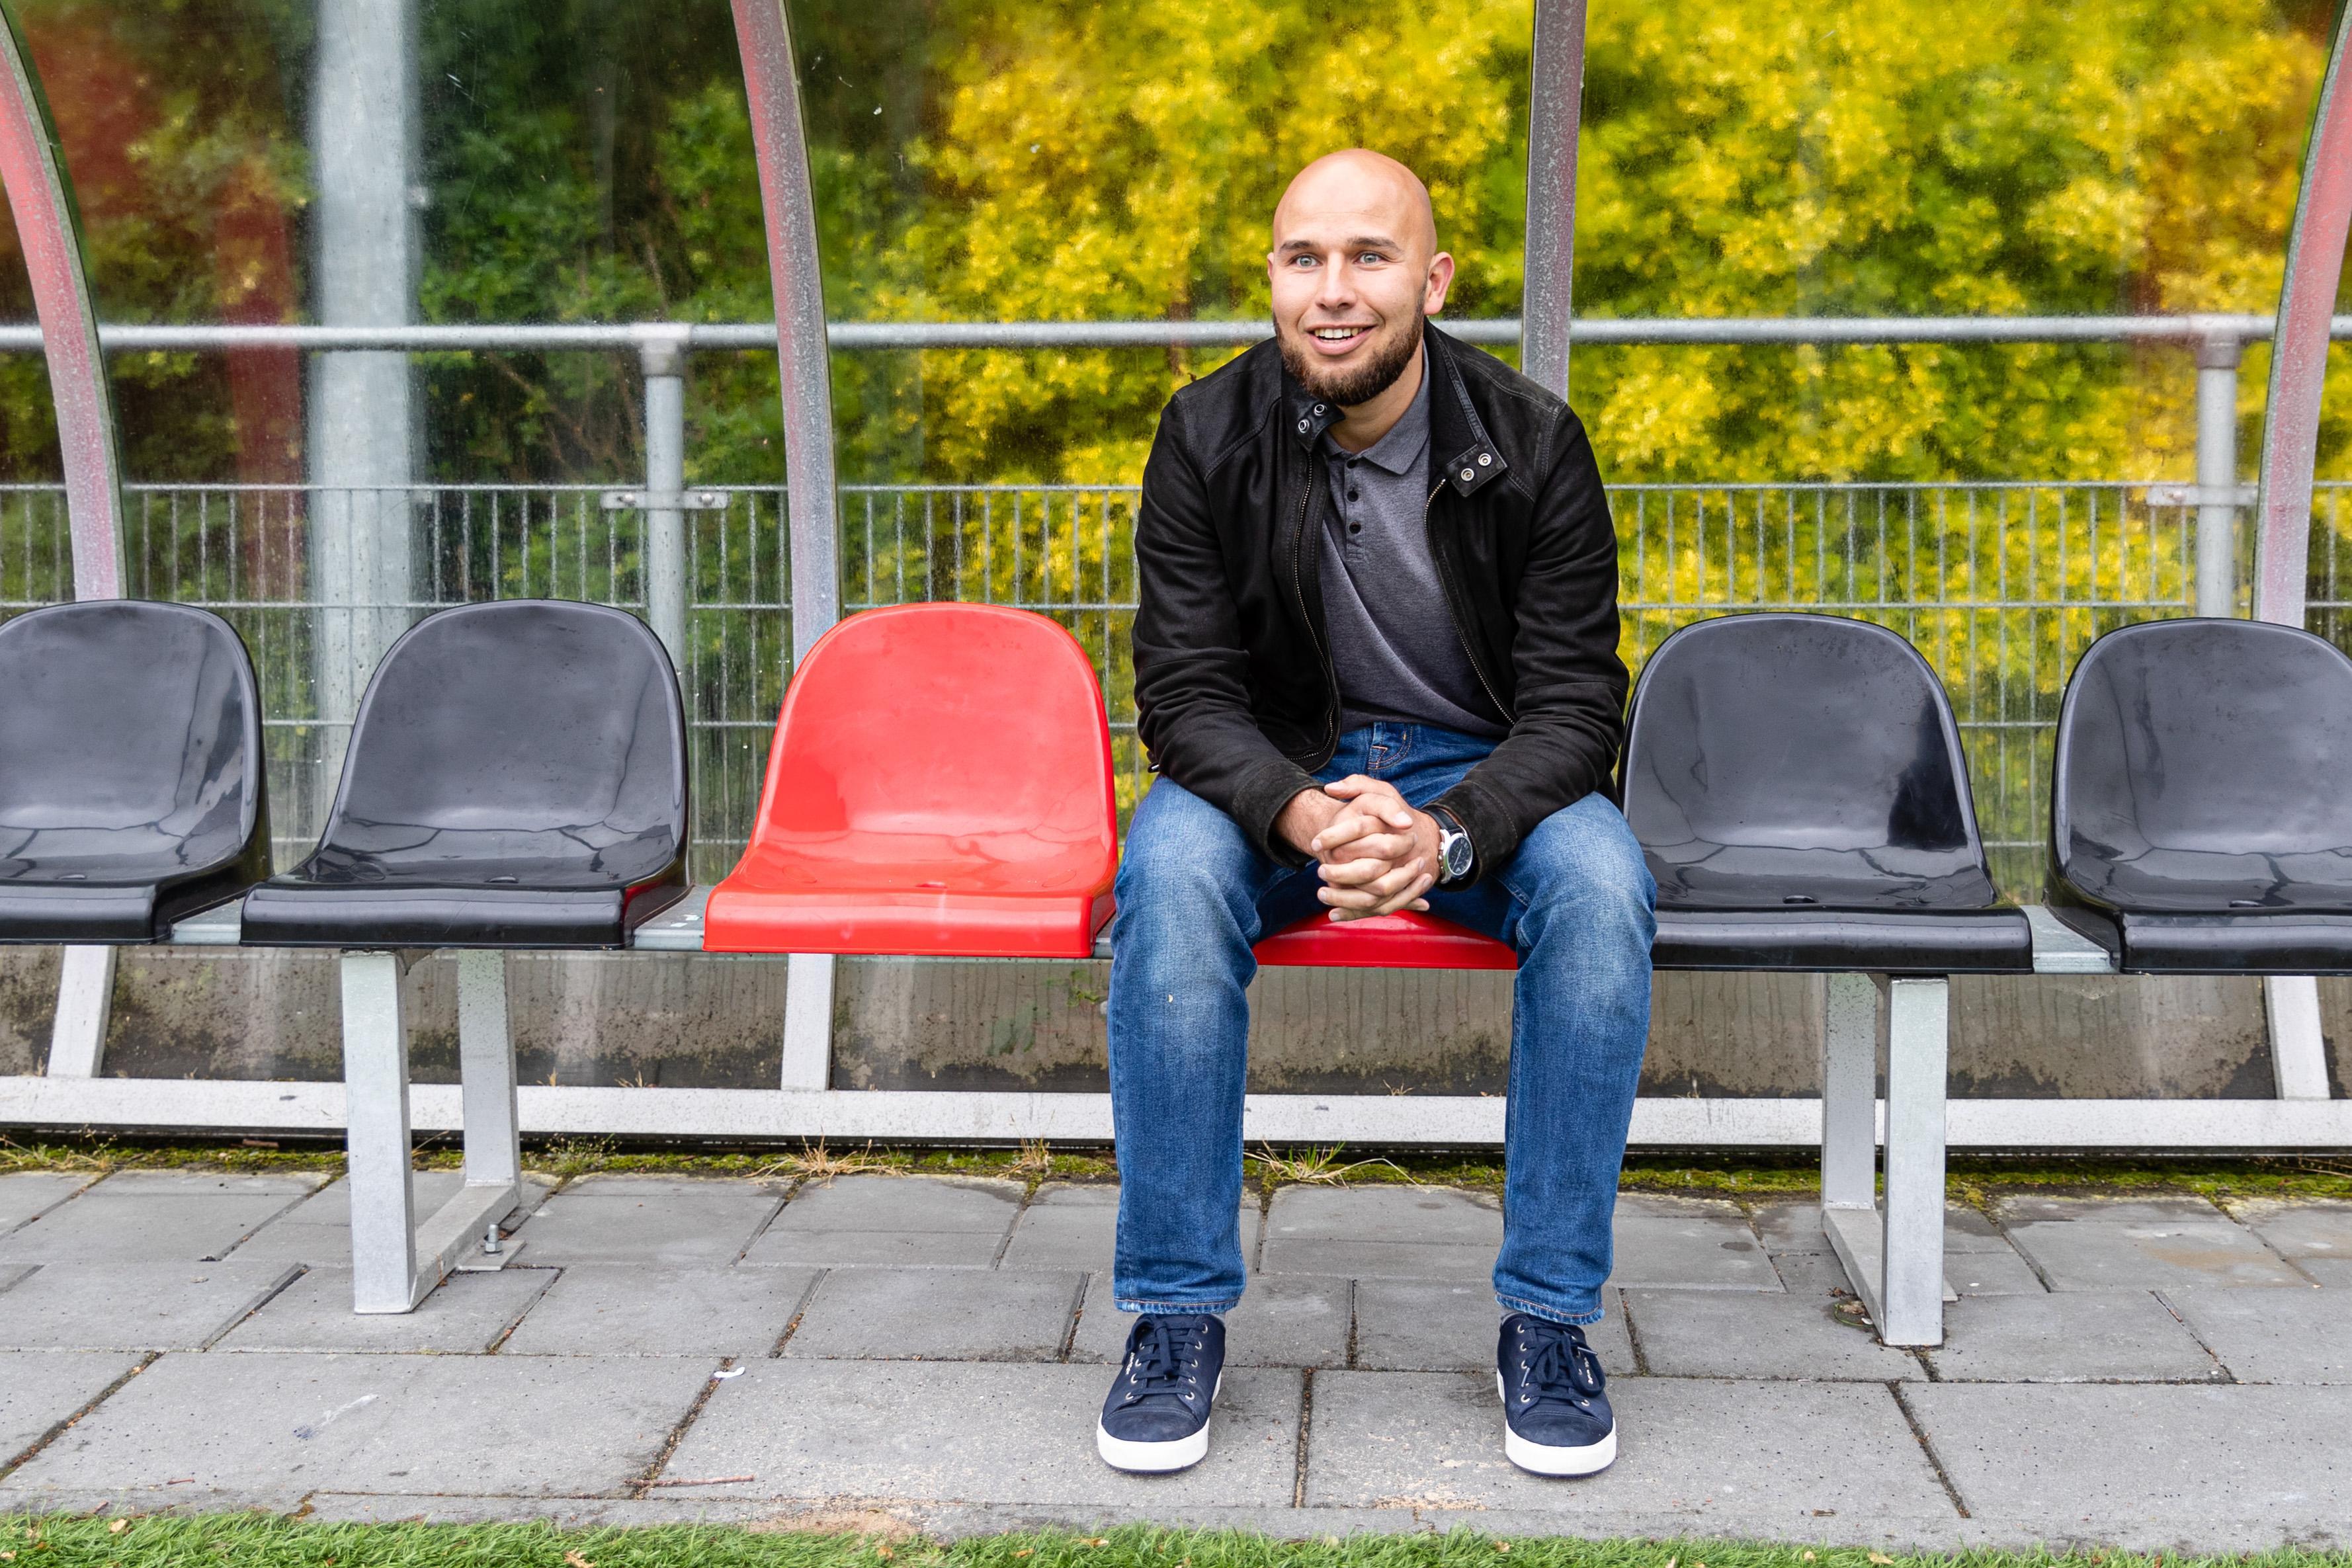 Voetbaltrainer Mo el Bouziani kiest bewust voor club buiten West-Friesland: 'Dat leek mij goed voor mijn ontwikkeling, Purmersteijn heeft een jonge spelersgroep en dat ligt mij wel'